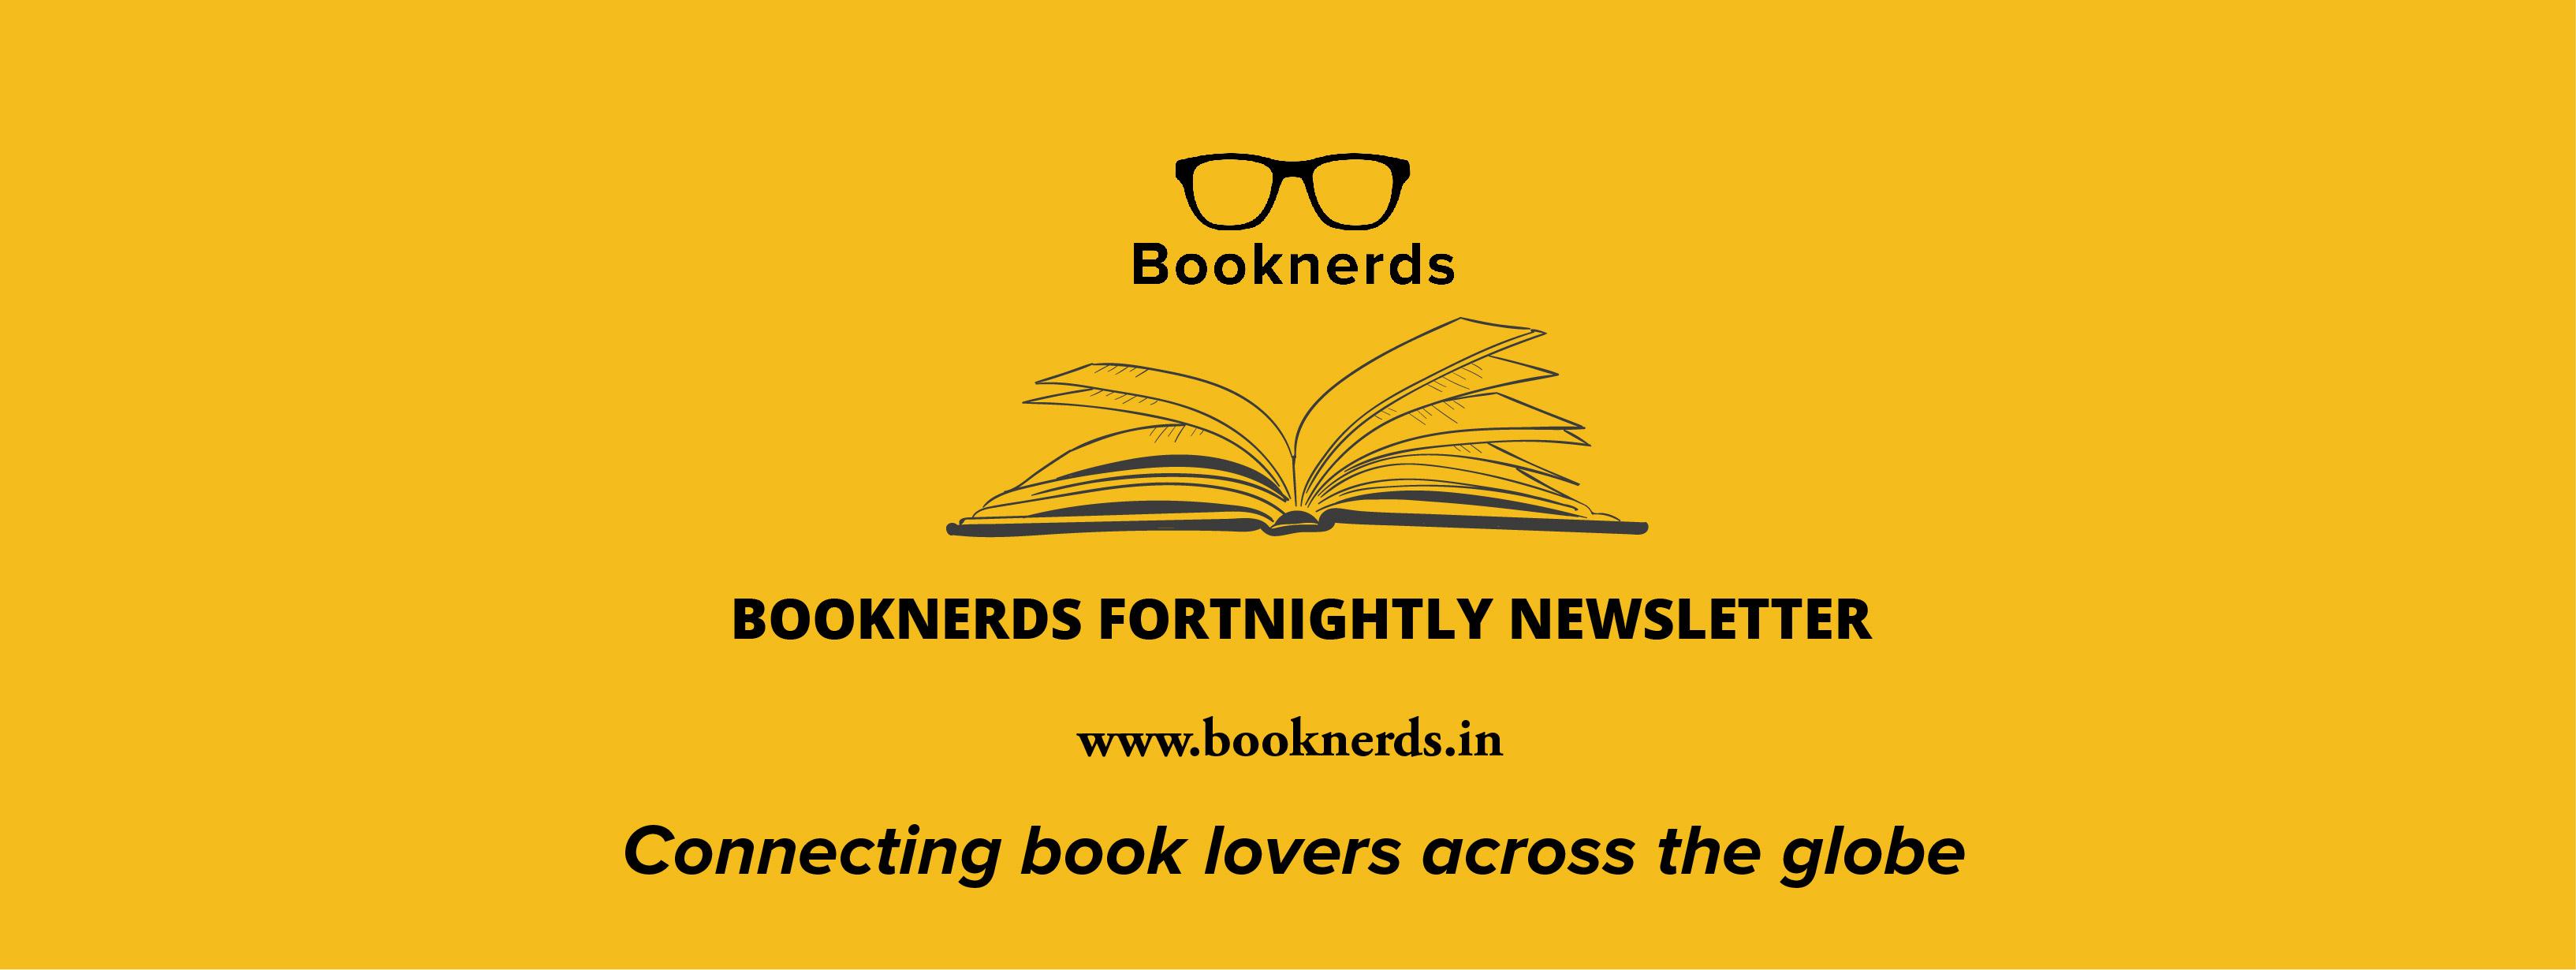 Booknerds Fortnightly Newsletter |September 15|2020